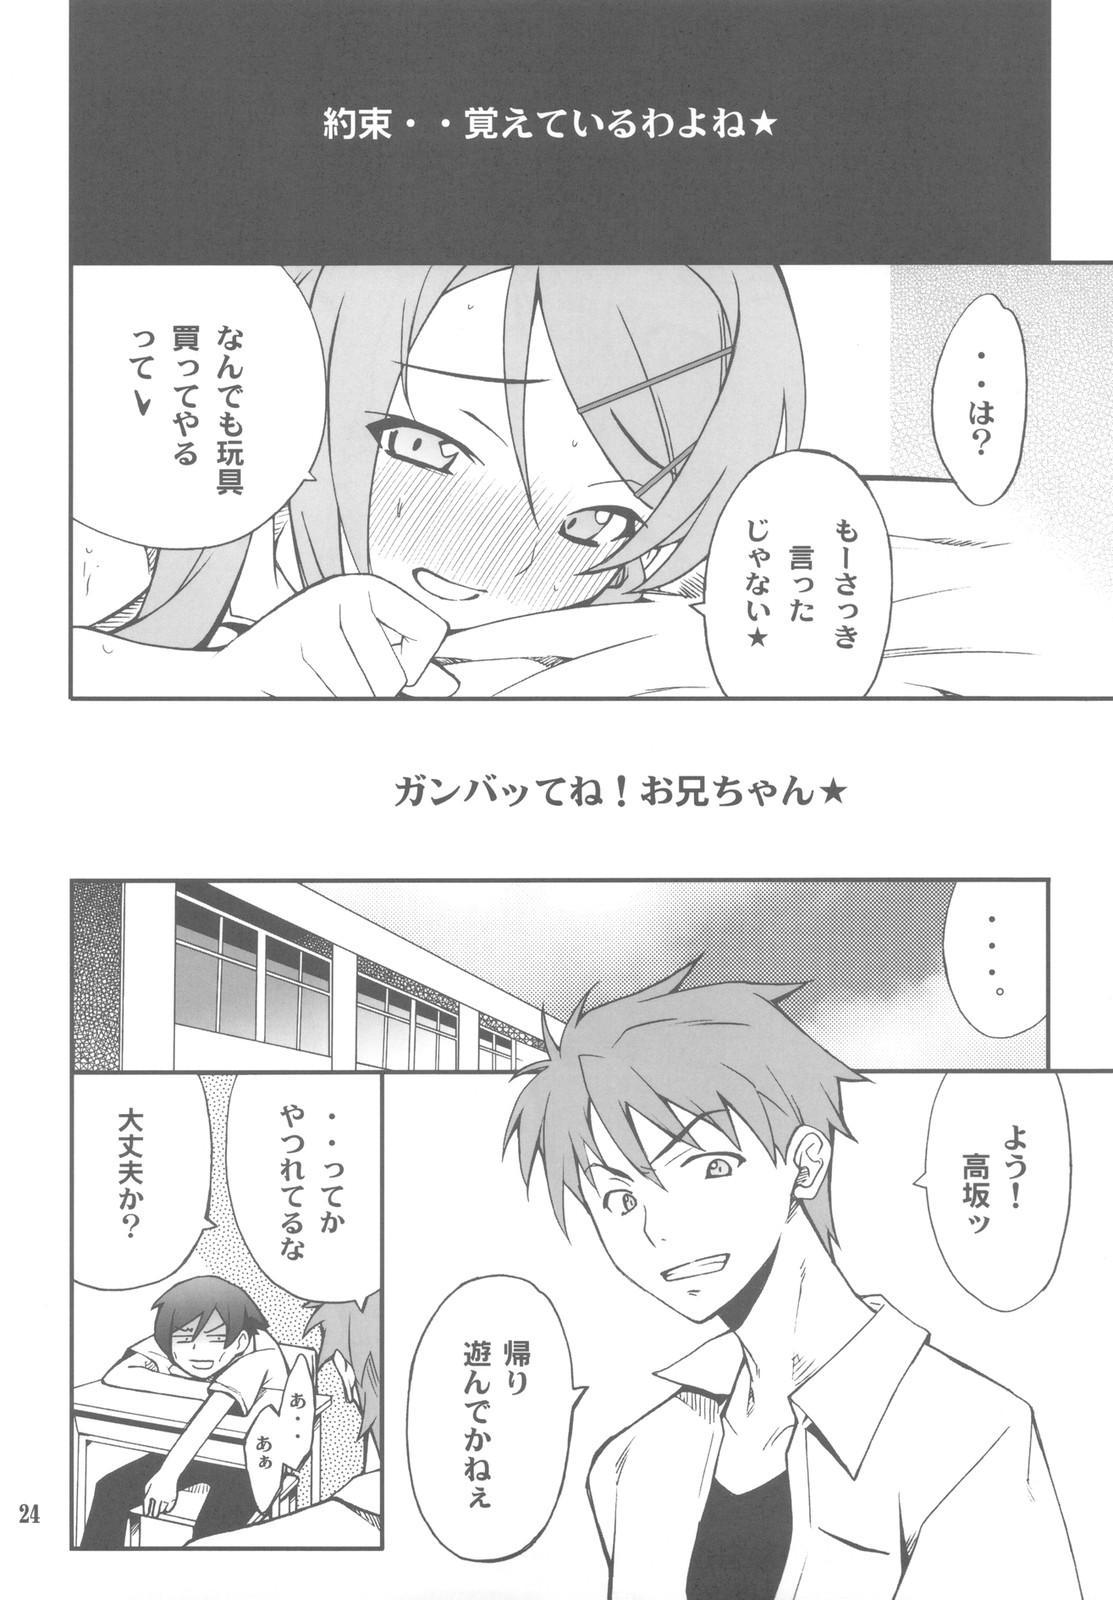 Ore x Imouto Kouryaku Daisakusen!! 02 + Omake Hon 23